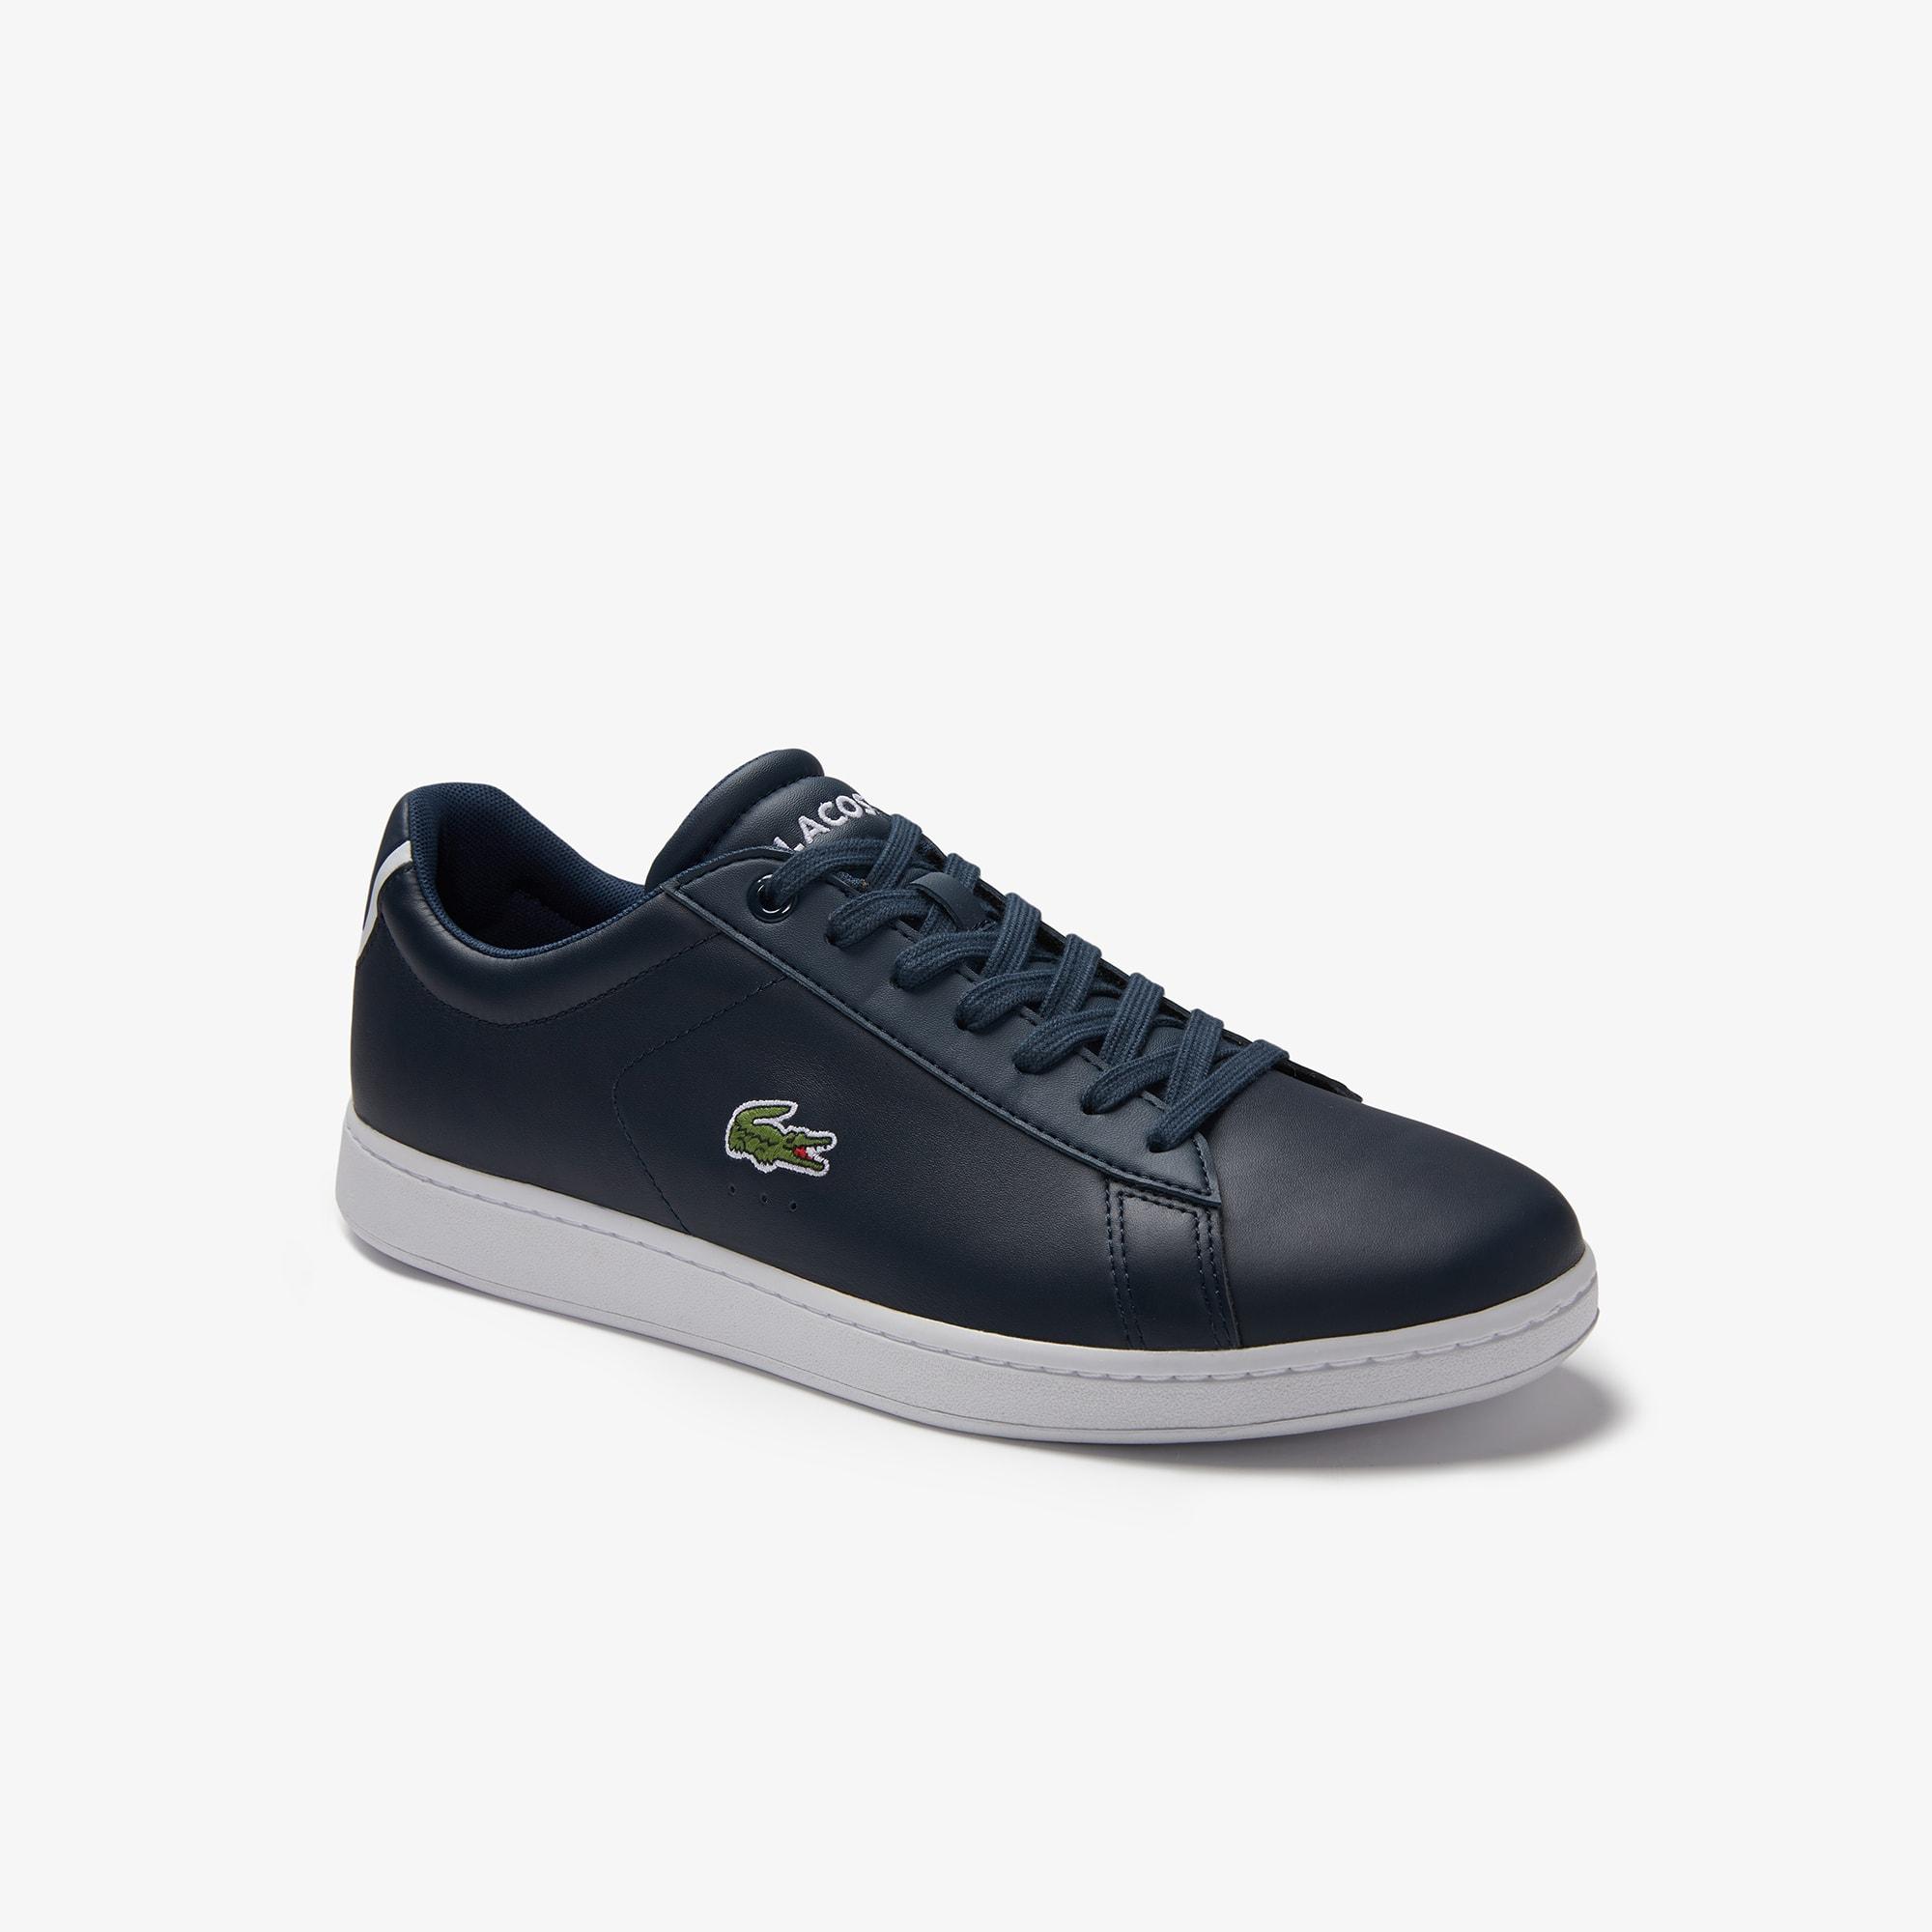 sports shoes 1c3a1 34e1b Zapatillas Zapatillas Zapatillas Lacoste Calzado Para Calzado Hombre  Lacoste Hombre Para rX5wrv